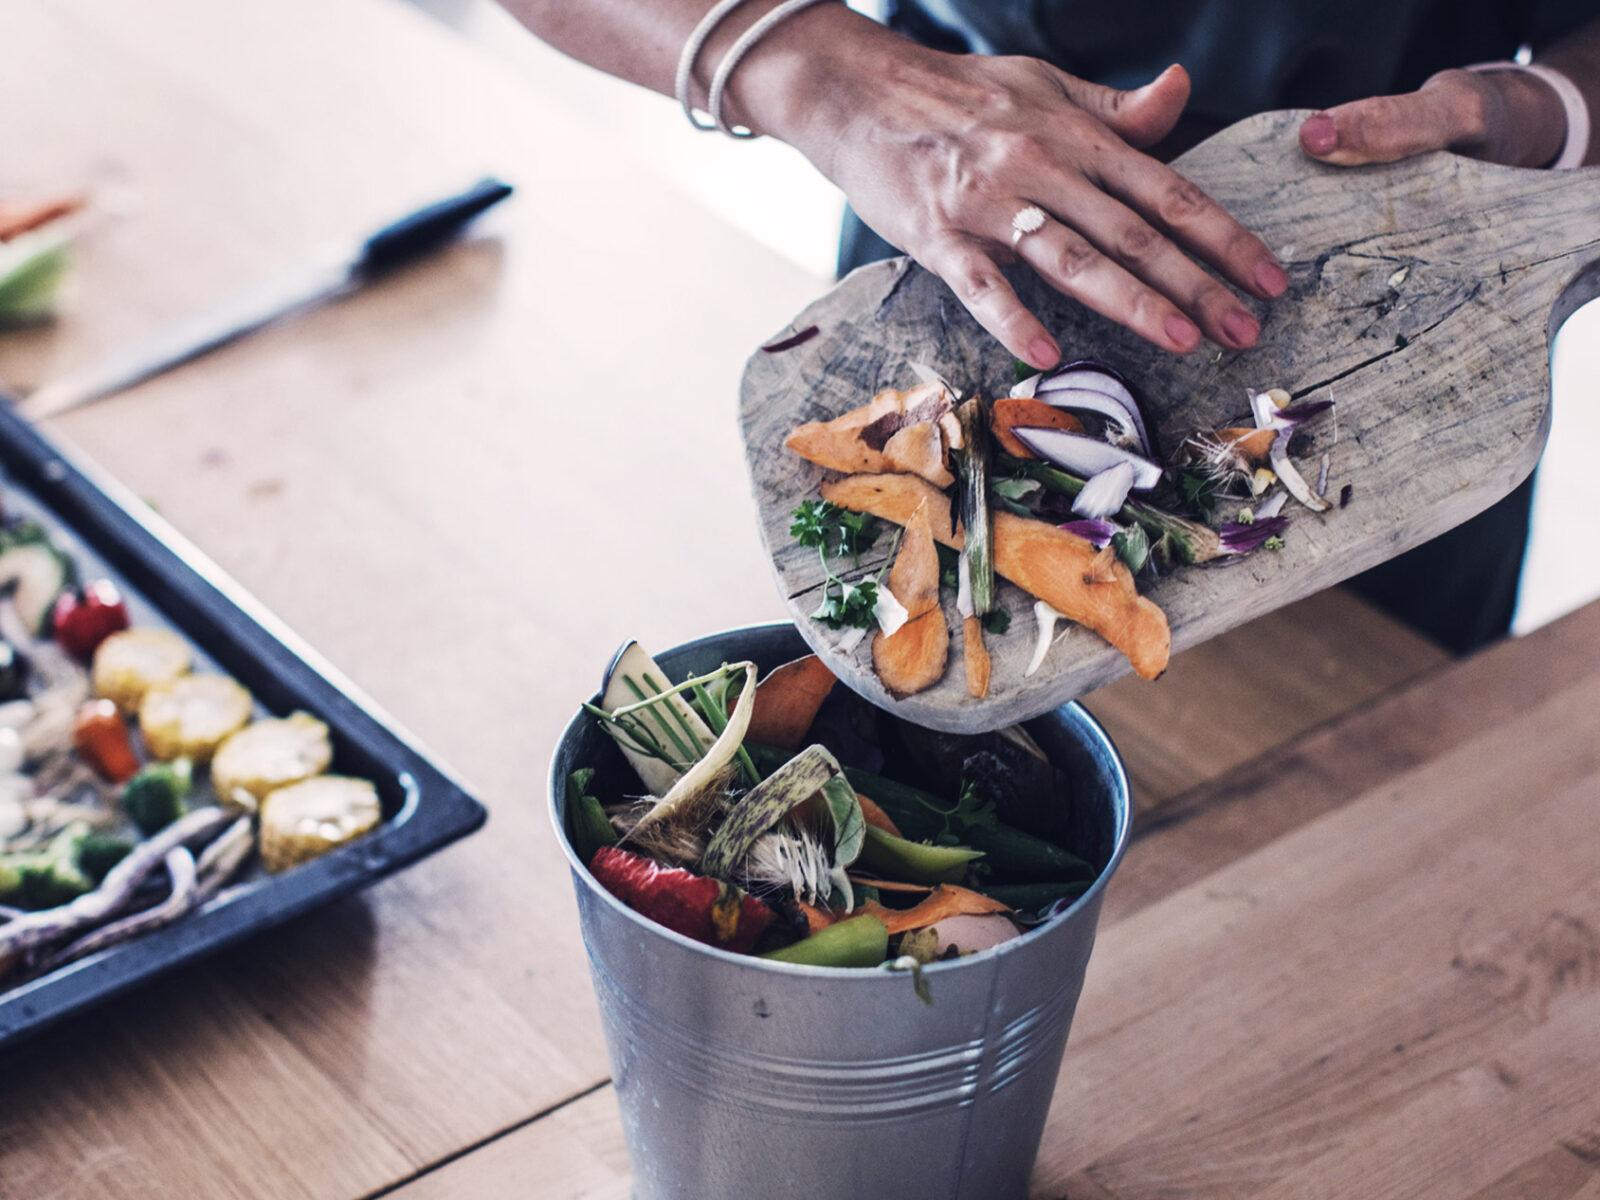 klimatkocken, matlagning, grönsaker, rotfrukter, skärbräda, kök, mat, klimat